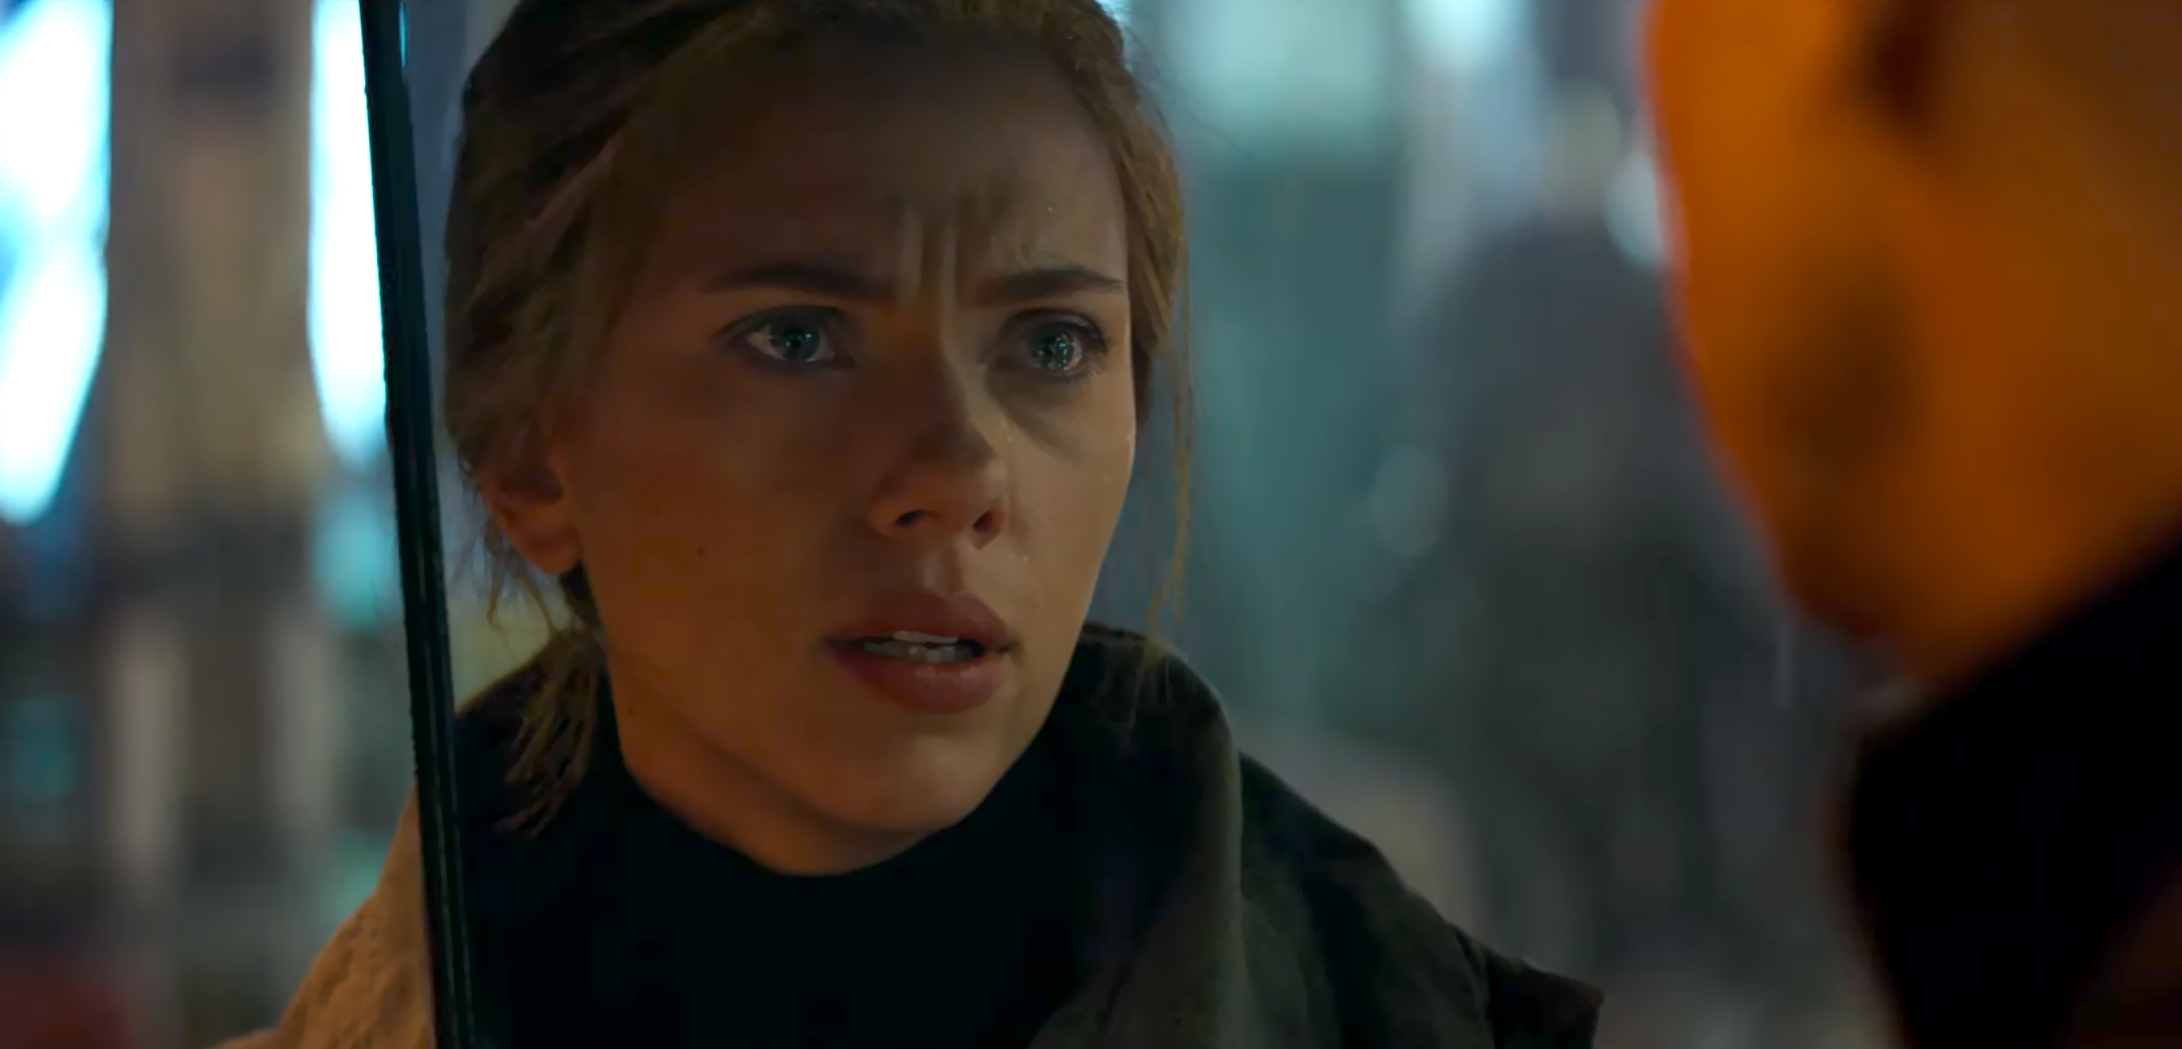 Scarlett Johansson in Marvel Studios' Avengers: Endgame